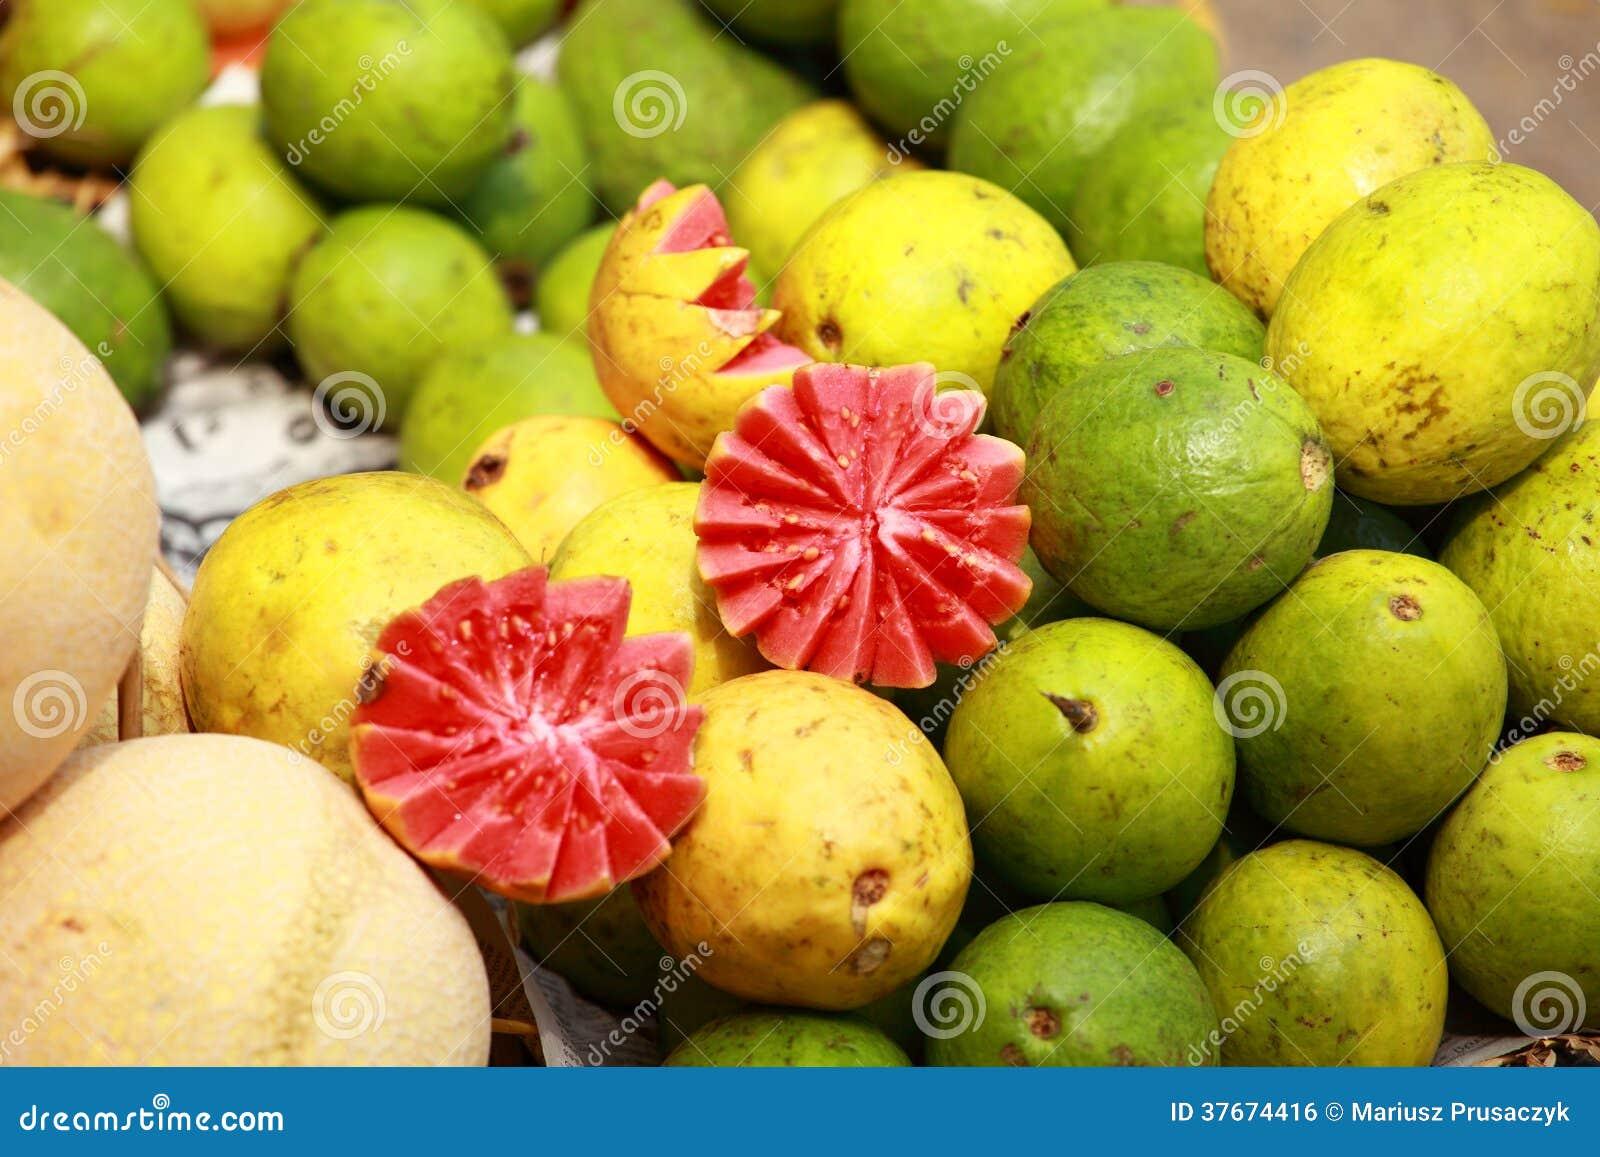 Mercato della frutta fresca in India